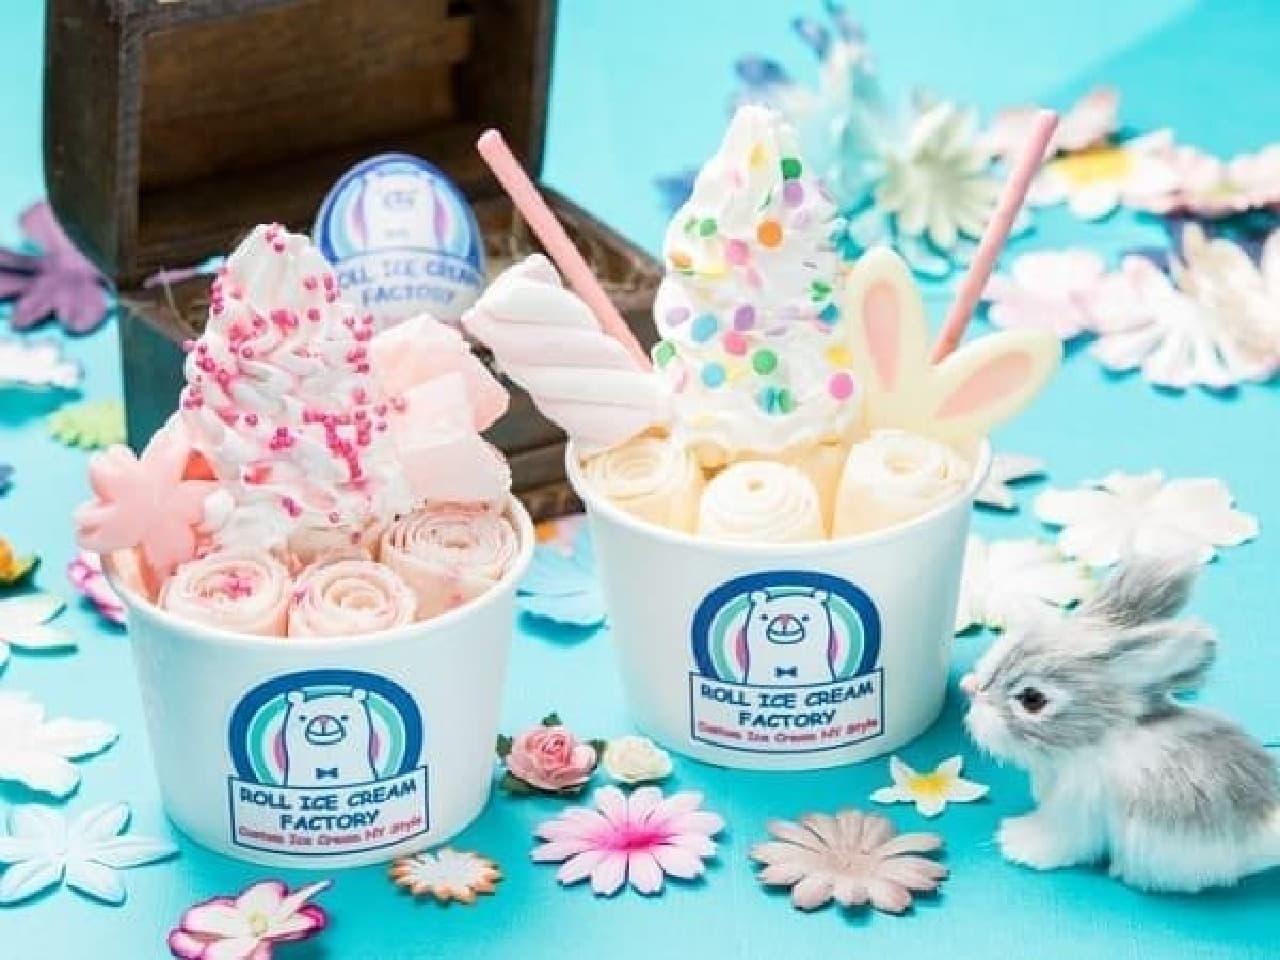 ロールアイスクリームファクトリーのロールアイスクリーム